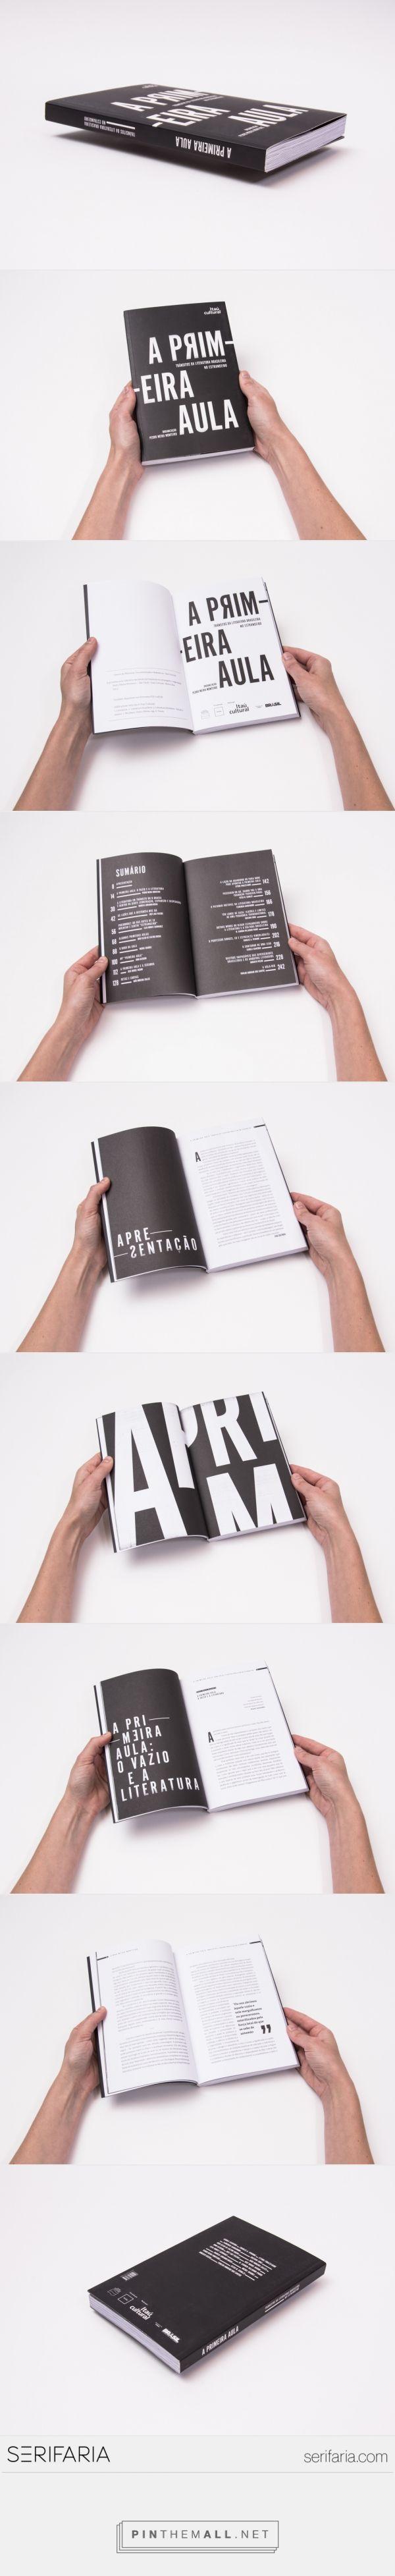 www.serifaria.com [SERIFARIA | graphic design studio] A Serifaria foi responsável pelo projeto e design do livro A Primeira Aula, publicado pelo Itaú Cultural.